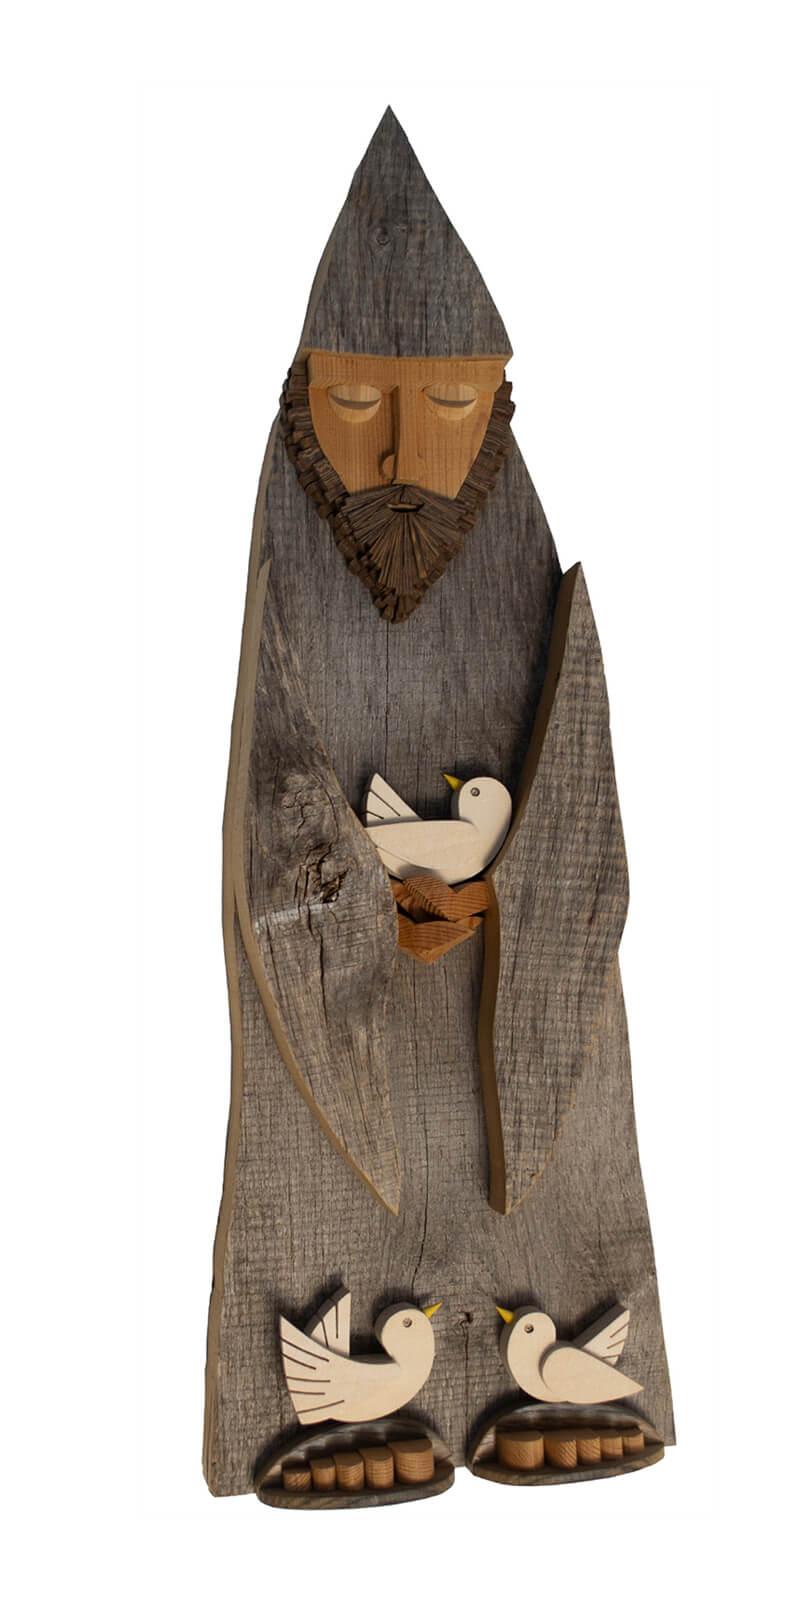 Scultura Guasina in legno - Pannello San Francesco - dimensioni cm. 25 x 10 x 72